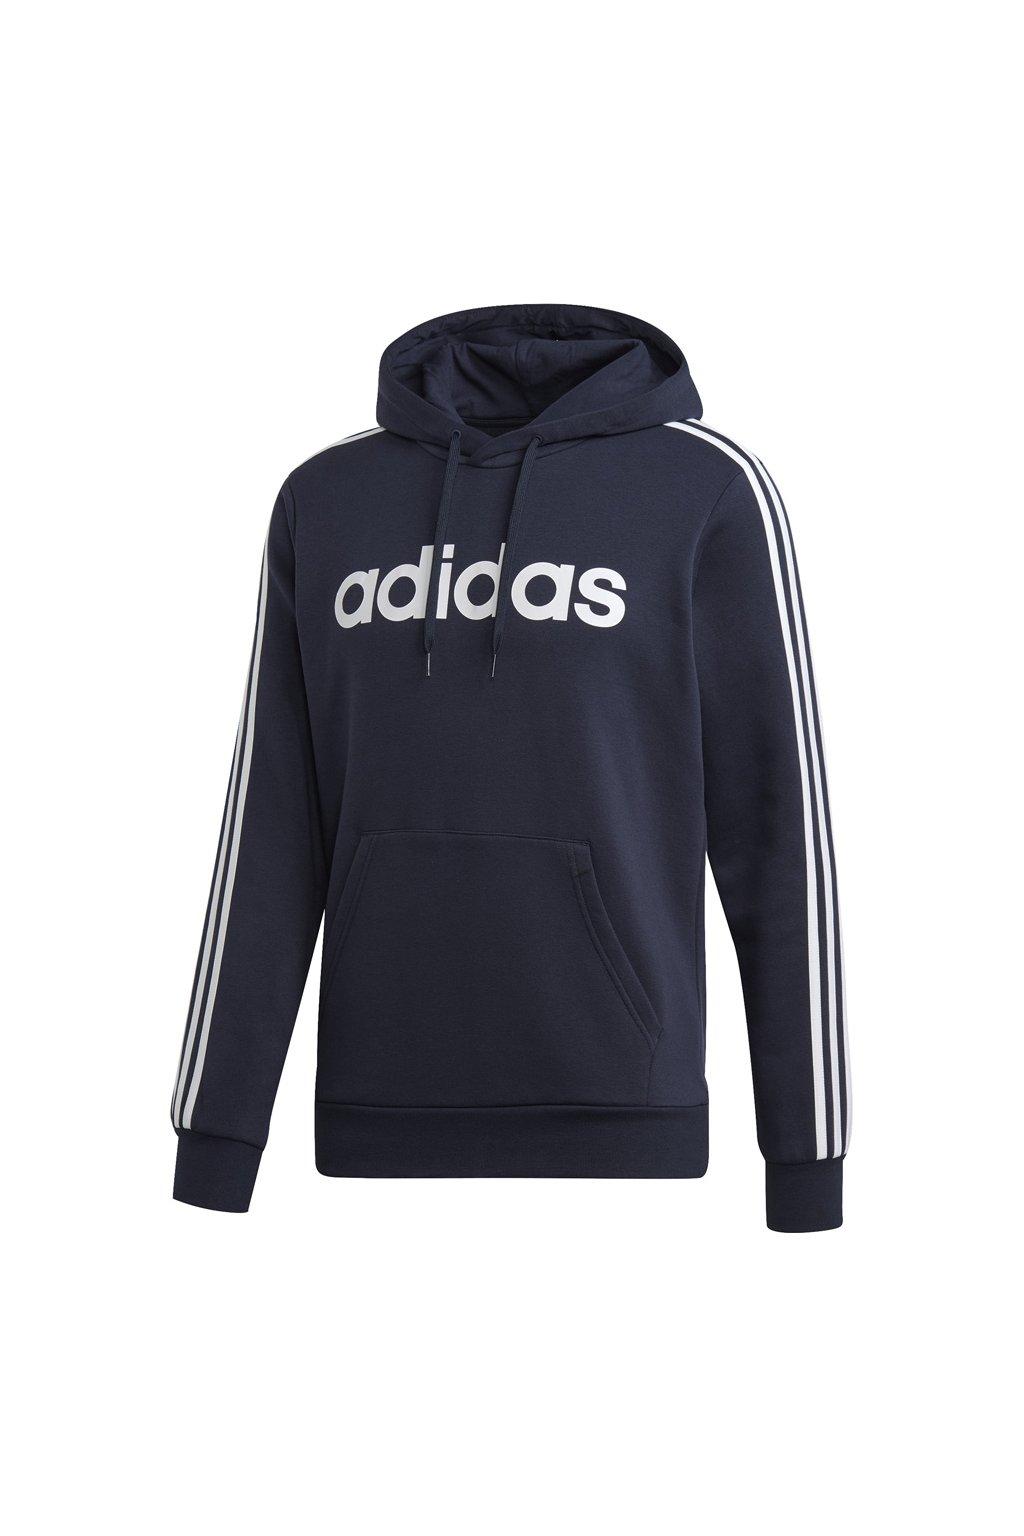 Mikina pánska Adidas Essentials 3 S PO FL / námornícka modrá DU0494